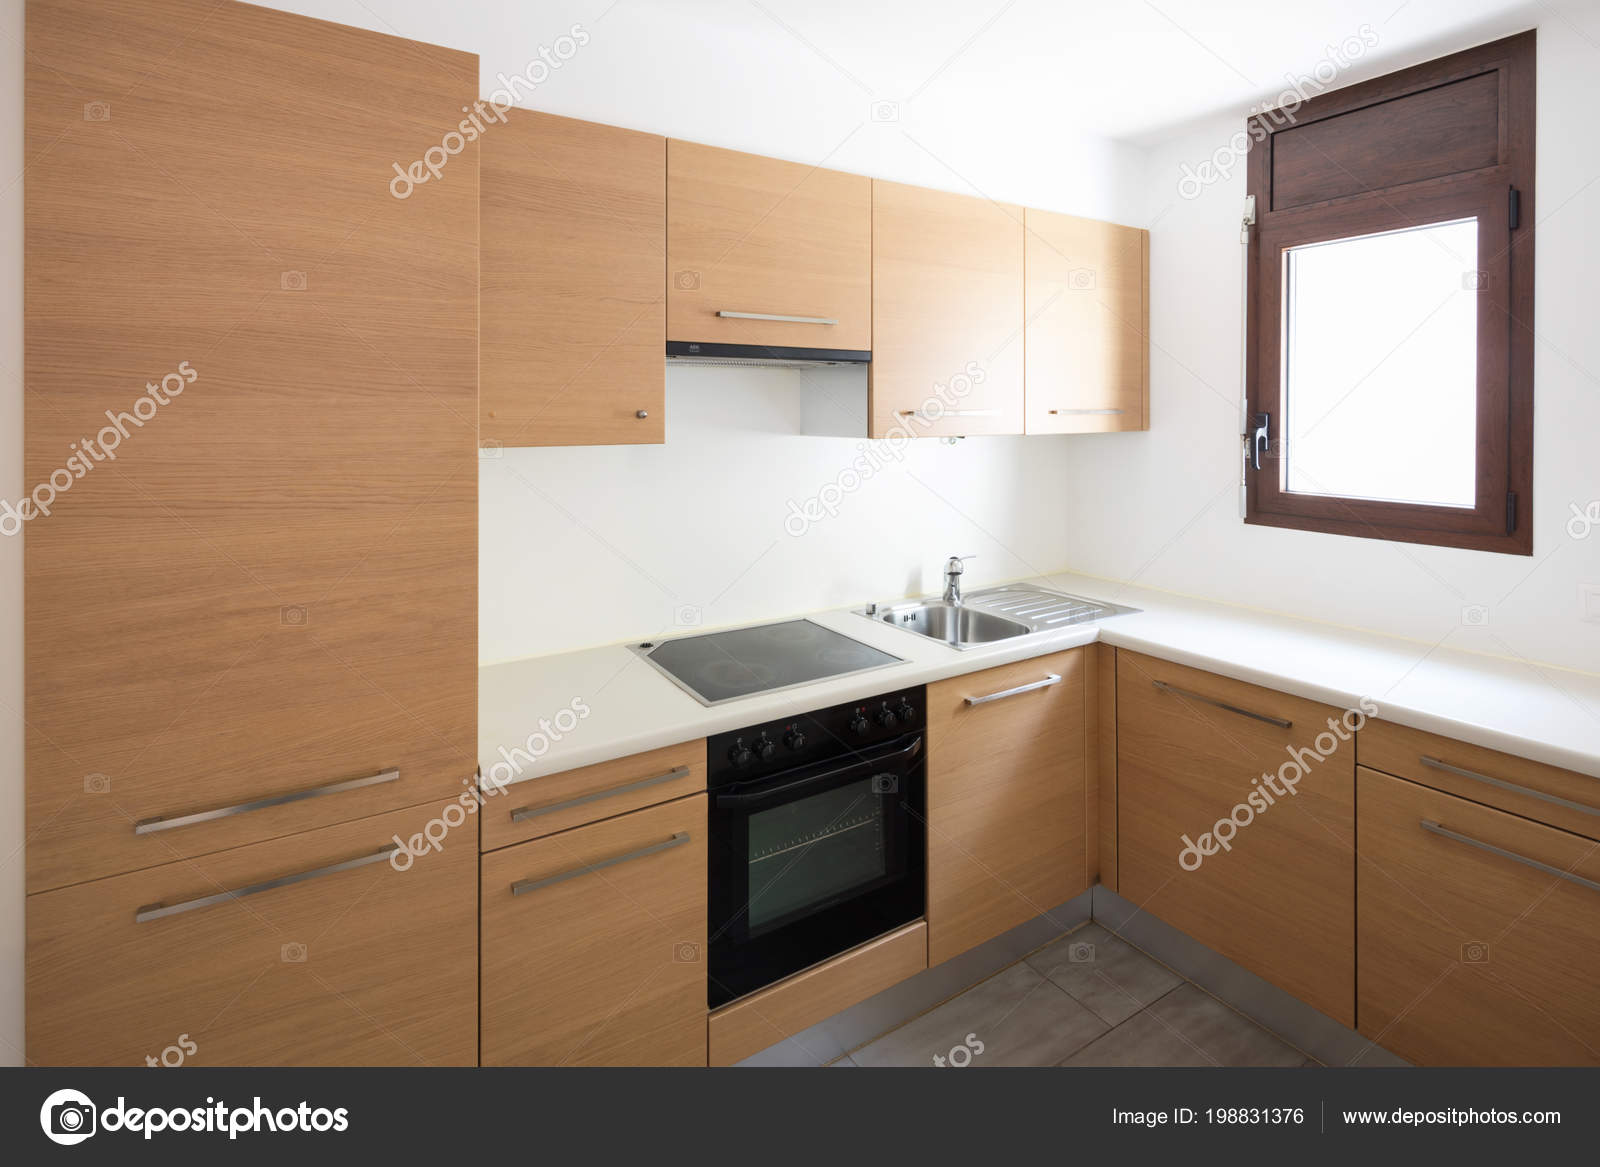 Moderne Küche Holz Und Weiße Wände Kleines Fenster Niemand Inneren ...